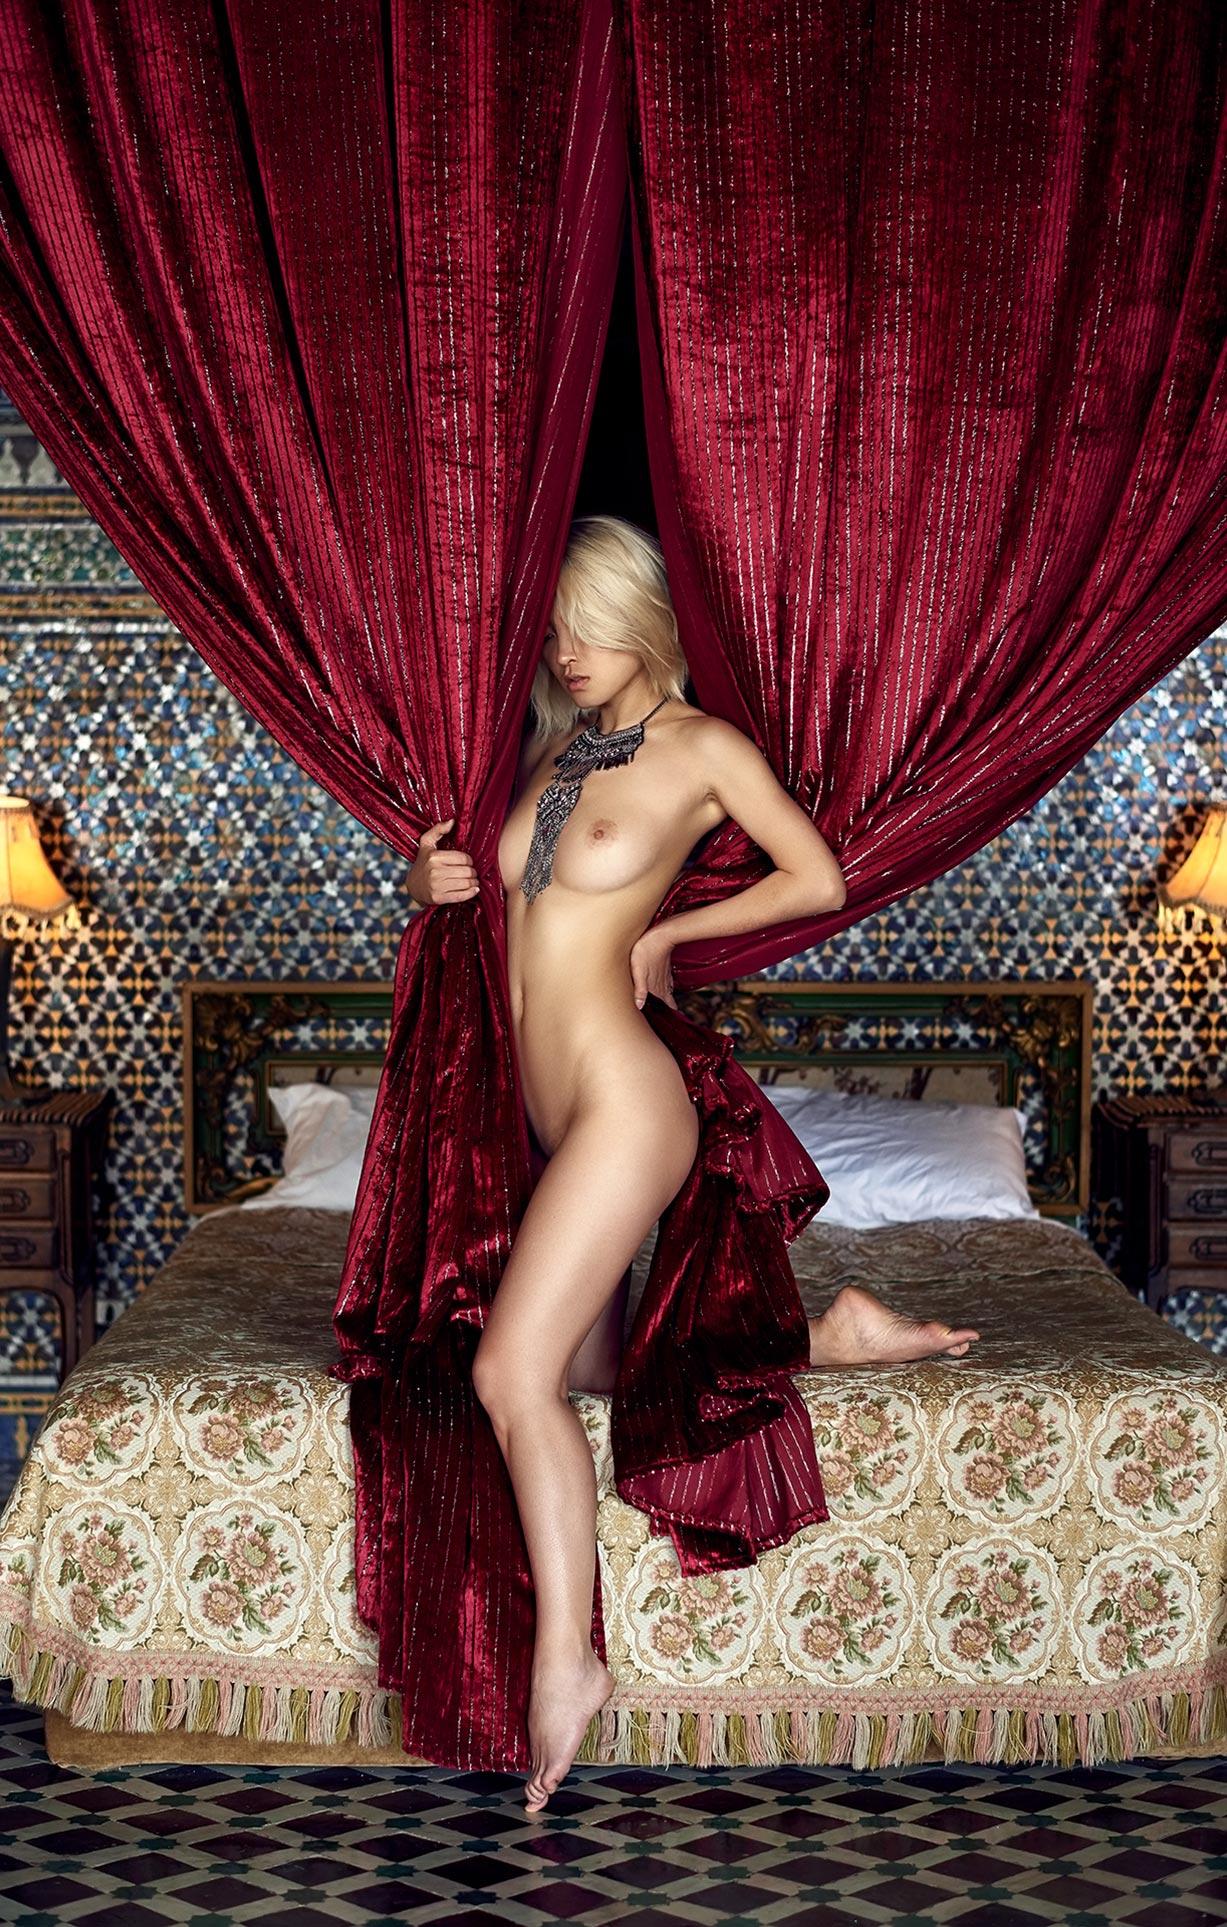 голая девушка на марокканских коврах / фото 06